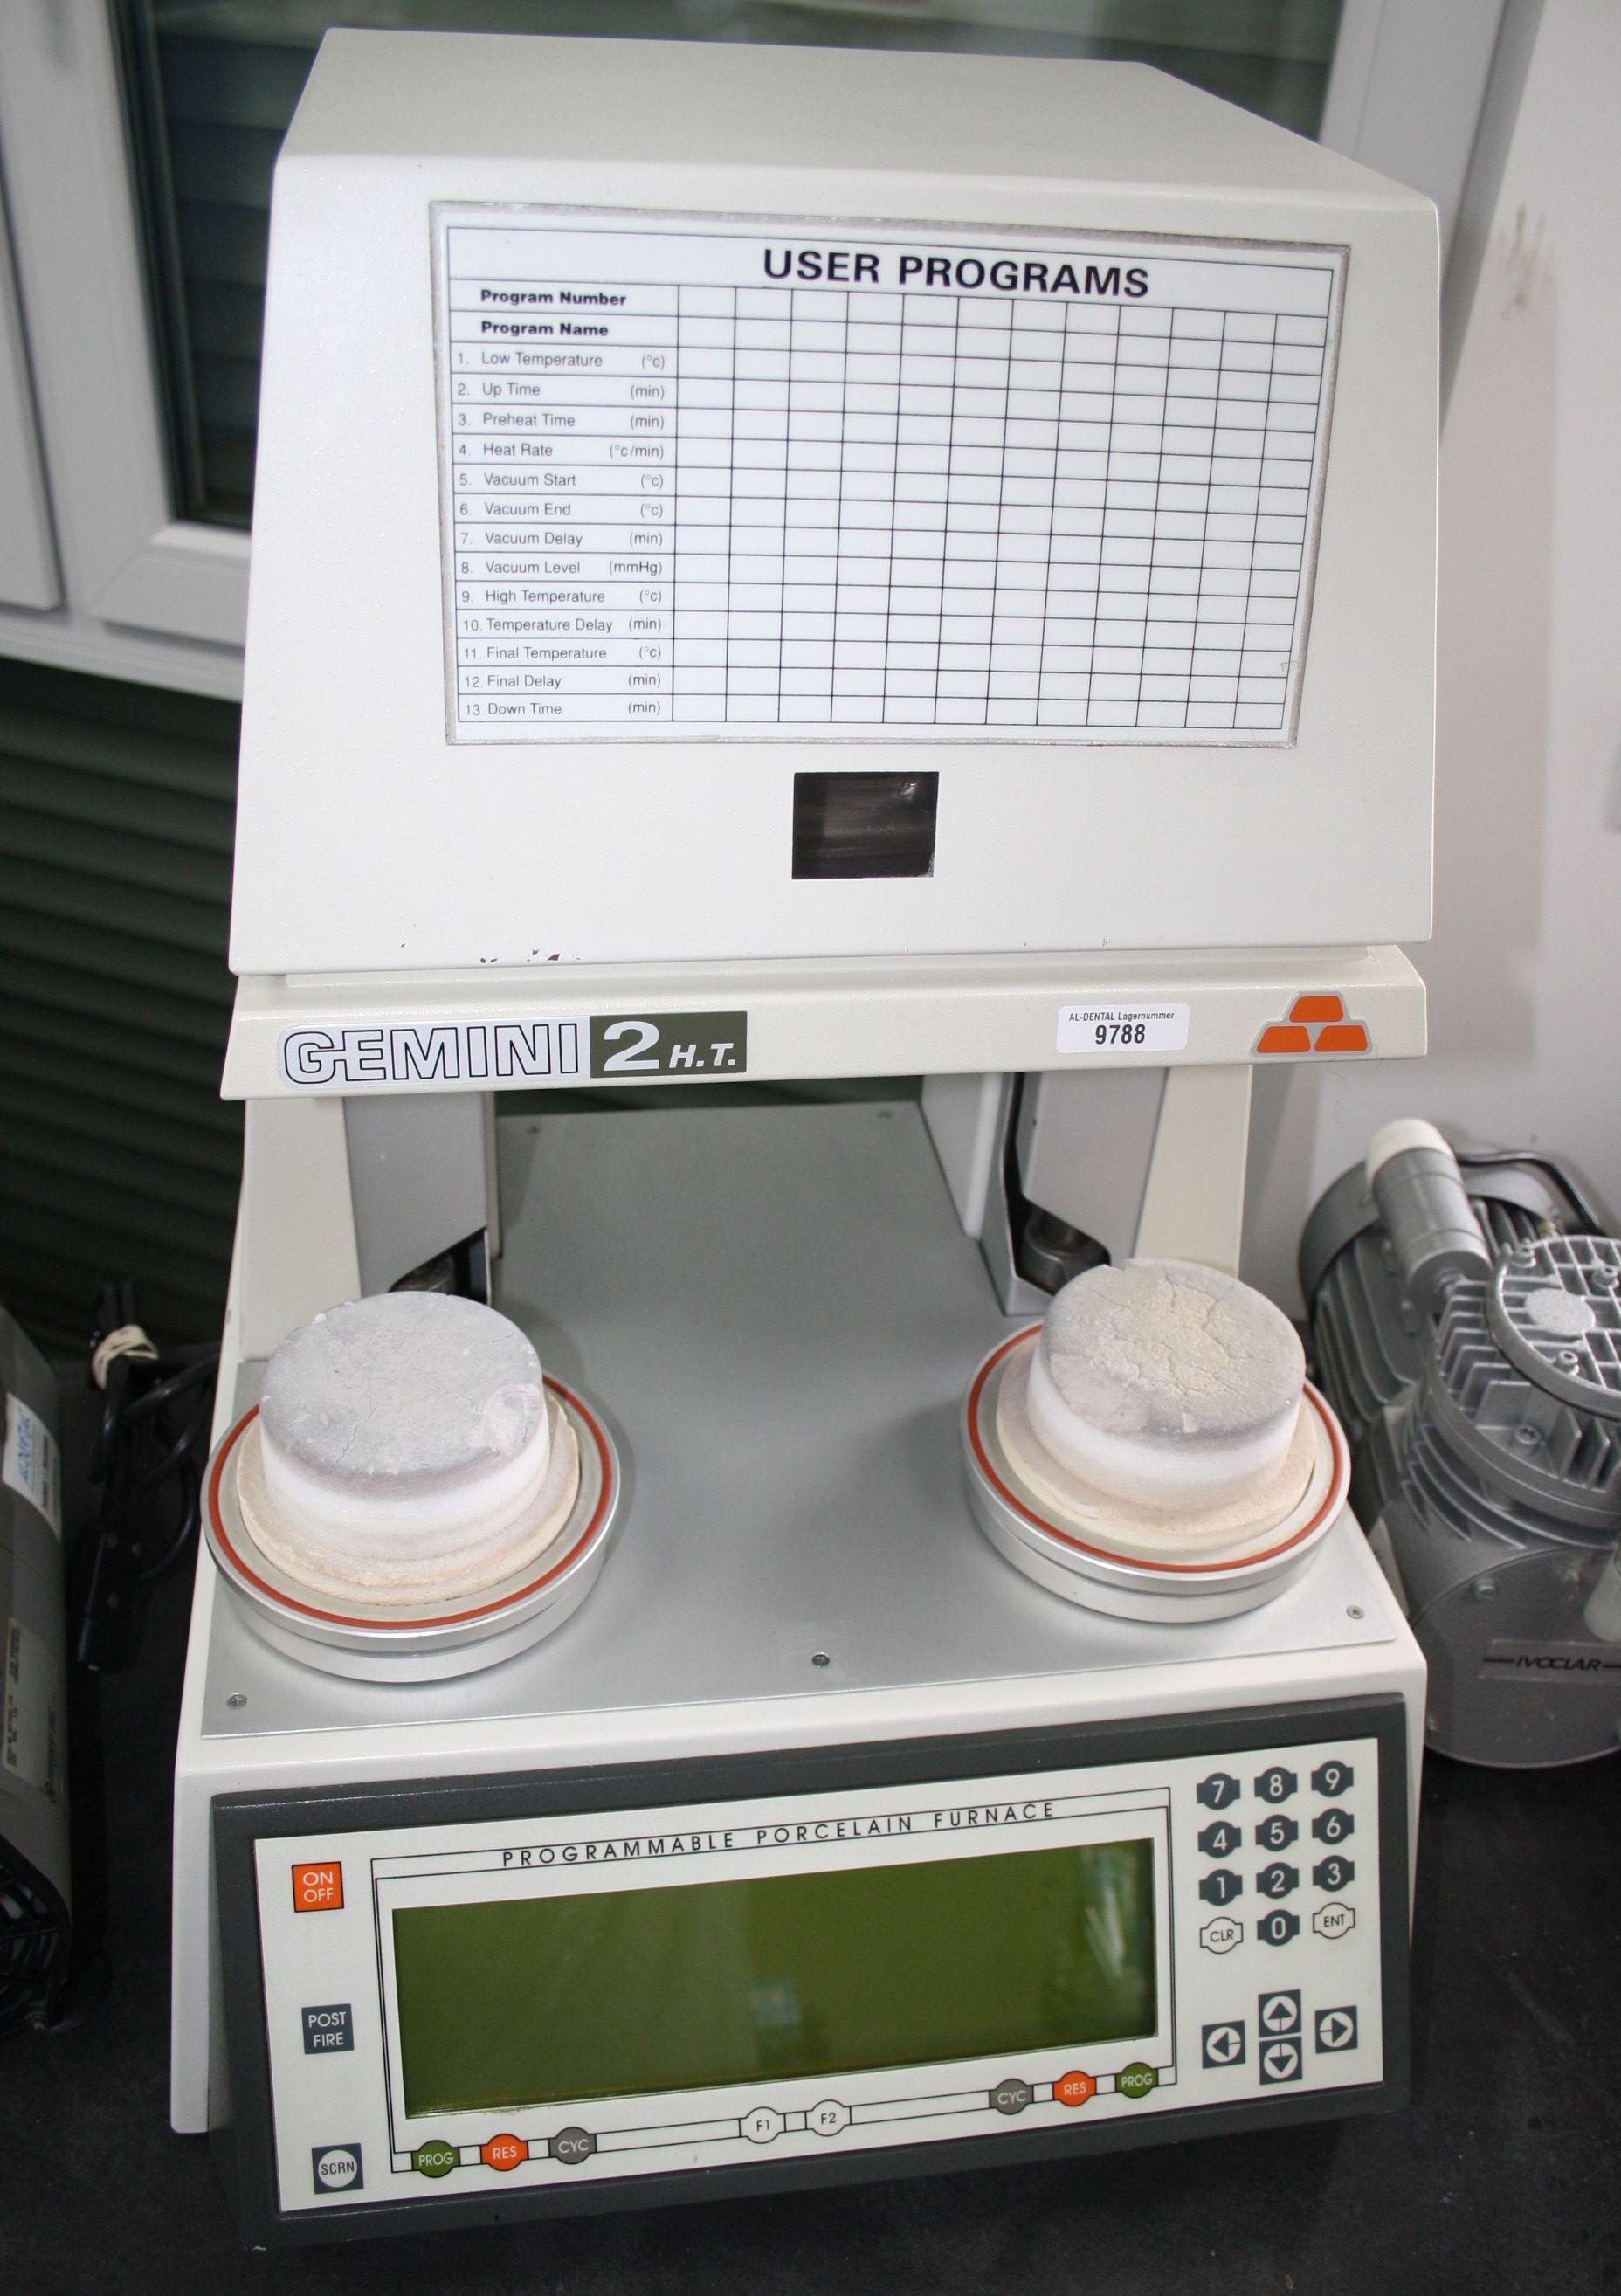 GEMINI 2-Kammer-Keramikofen Typ 2H.T. + Vakuumpumpe shenpaz # 9788